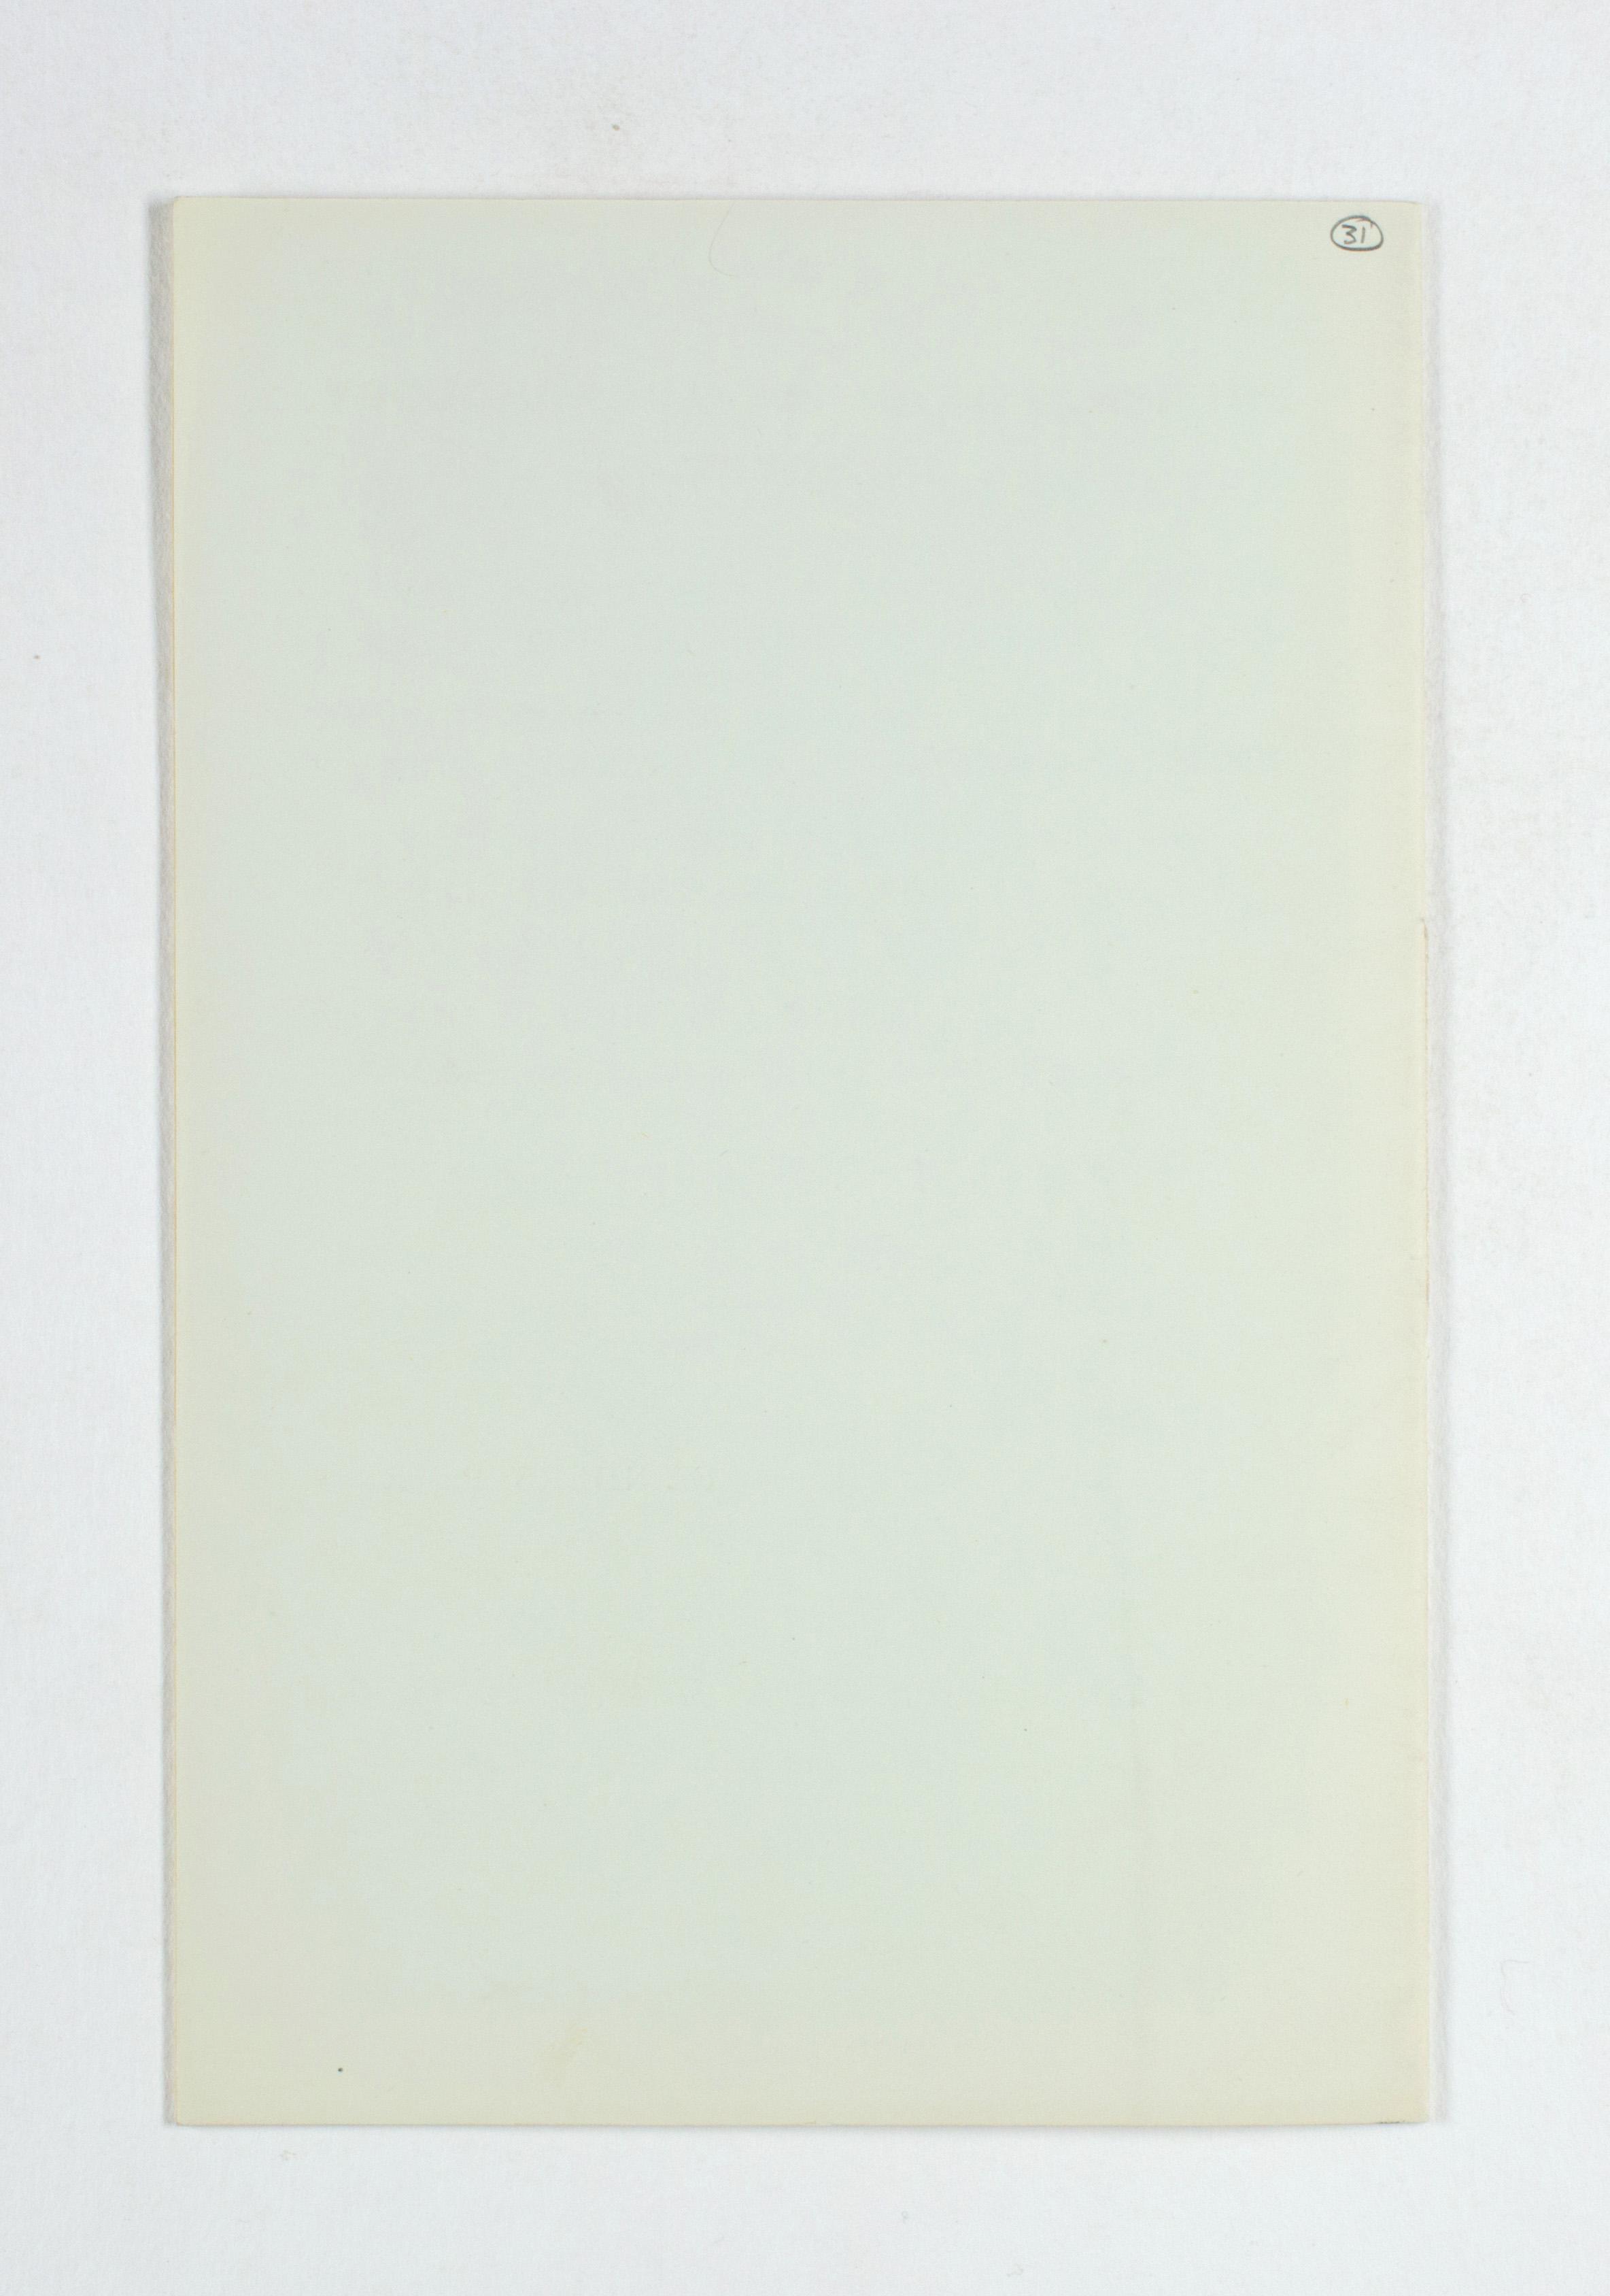 1923-24 Qau el-Kebir, Hemamieh Exhibition catalogue PMA/WFP1/D/27/31.10